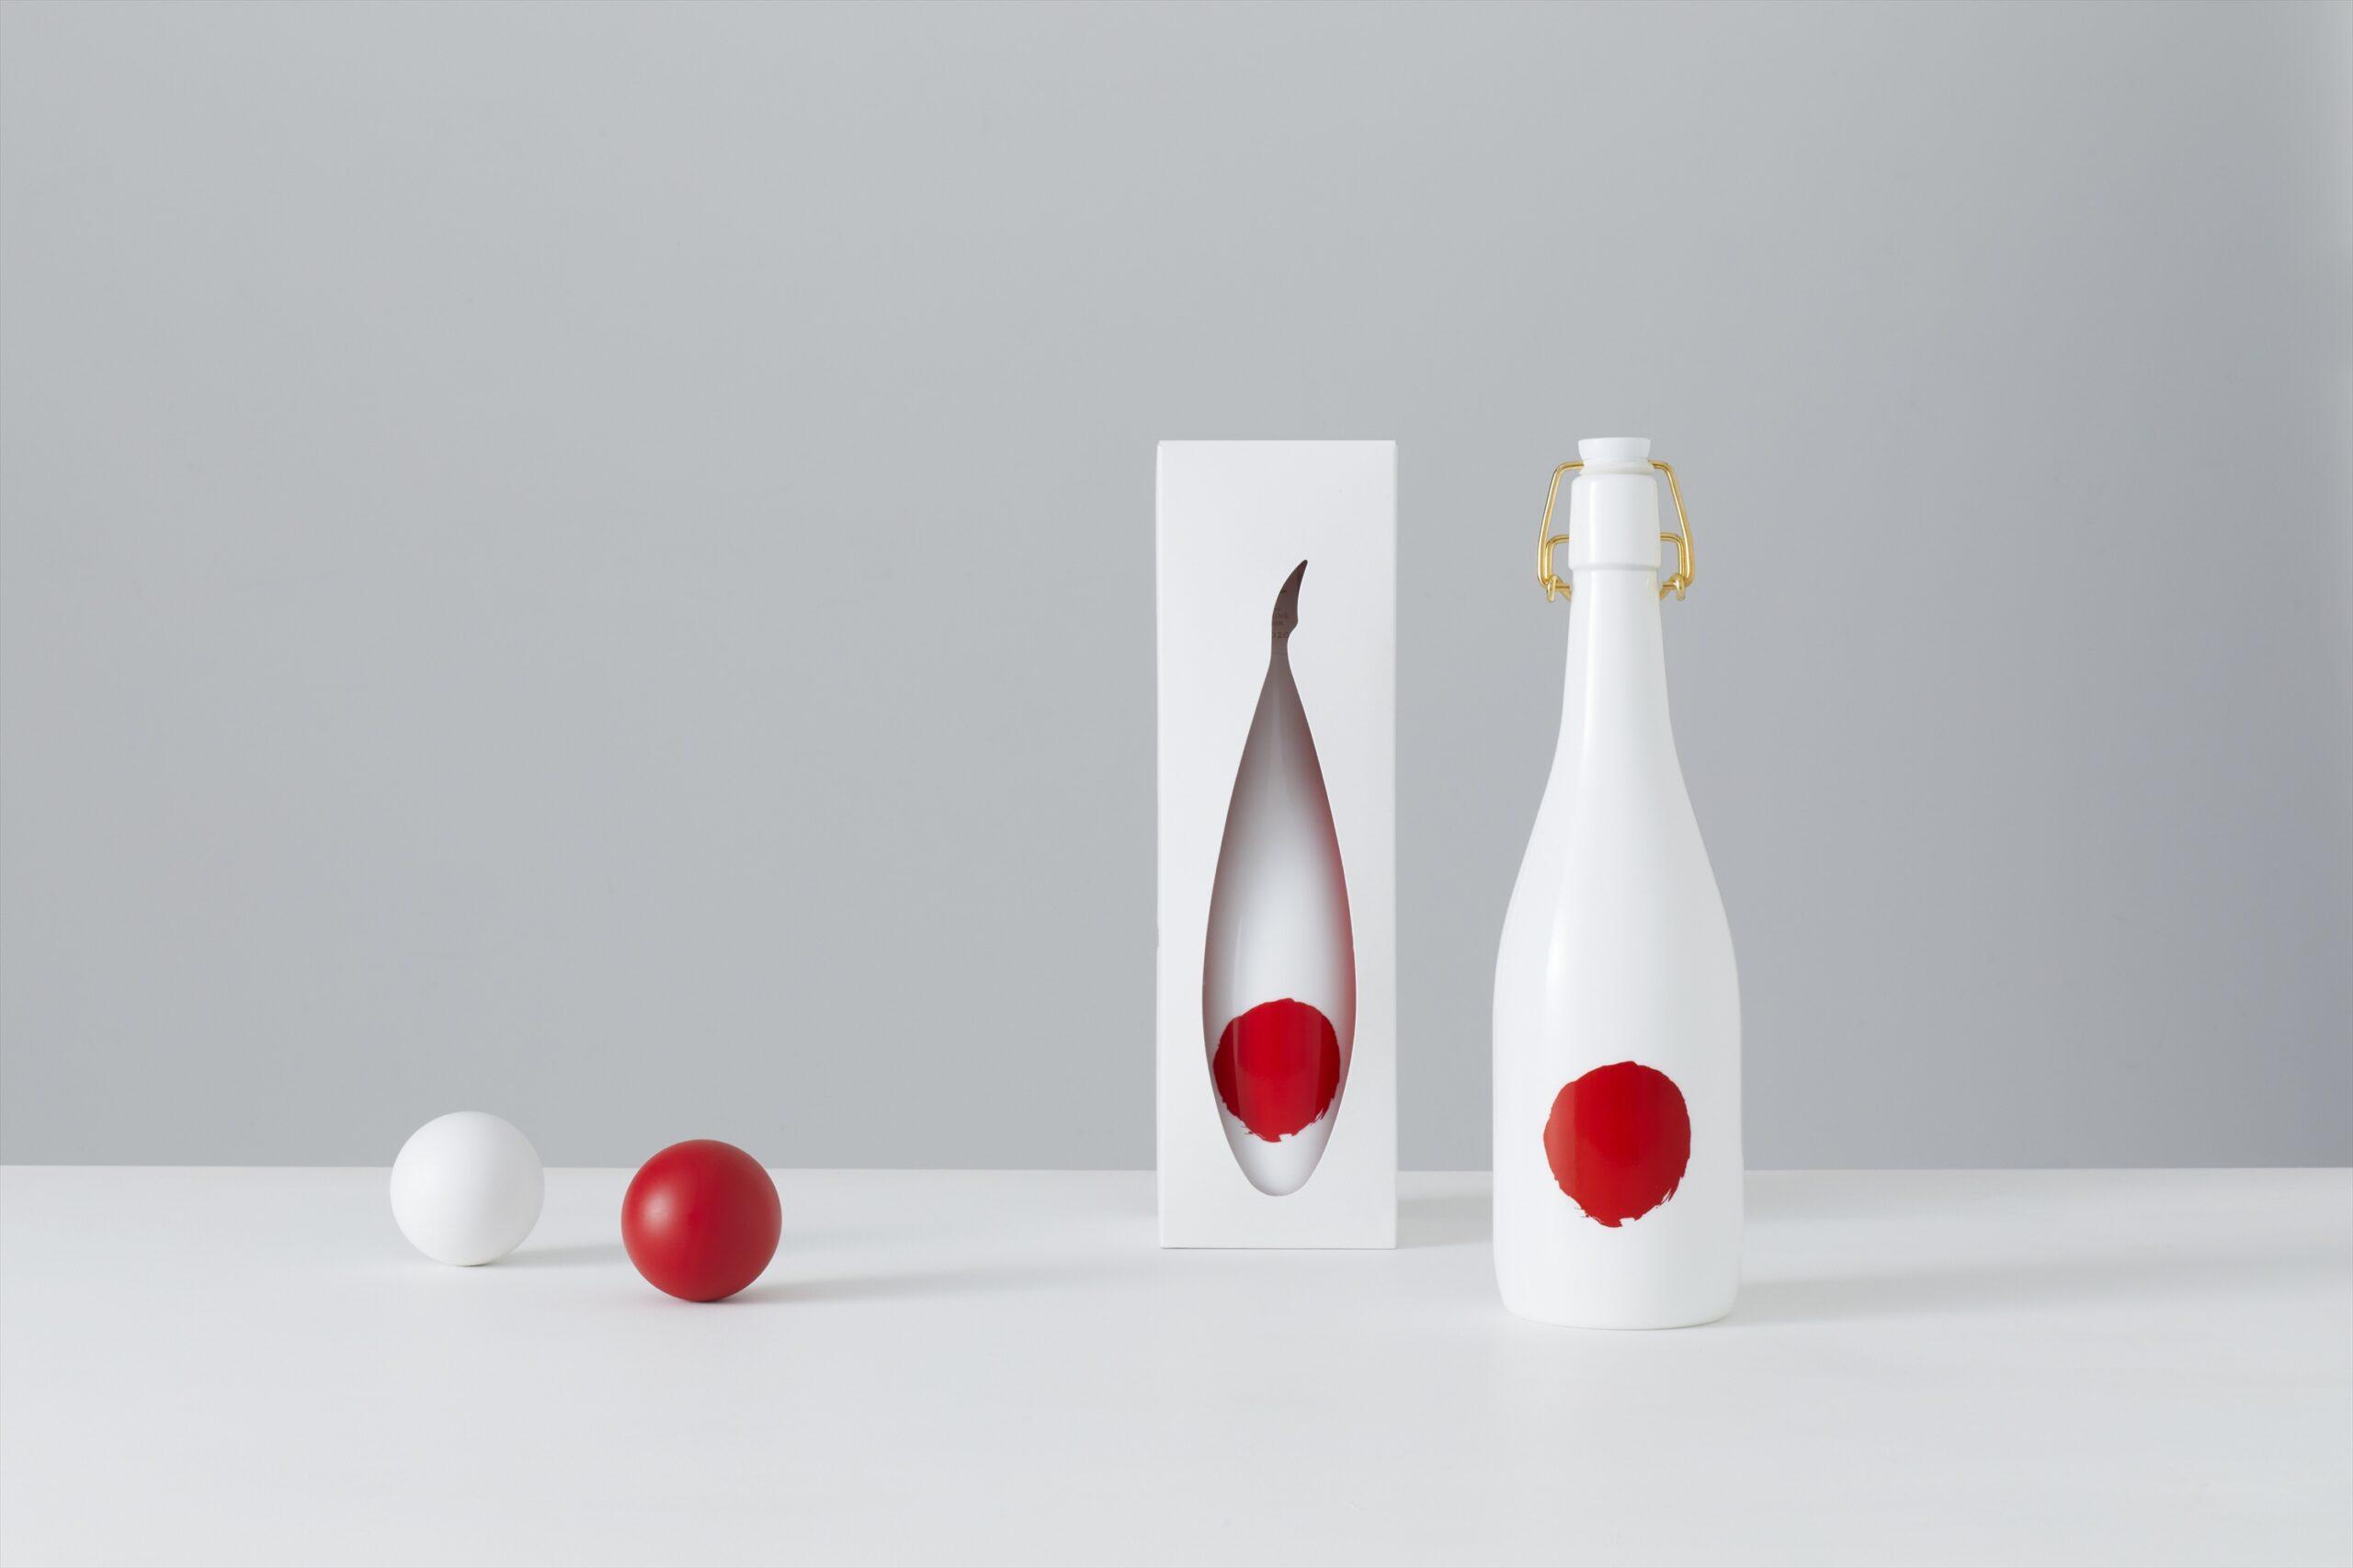 今代司酒造、日本酒『錦鯉』シリーズに特化した公式オンラインショップをオープン!ここだけで買える『錦鯉 丹頂 The RISING SUN』は数量限定、初回受注期間は7月19日(月)まで。